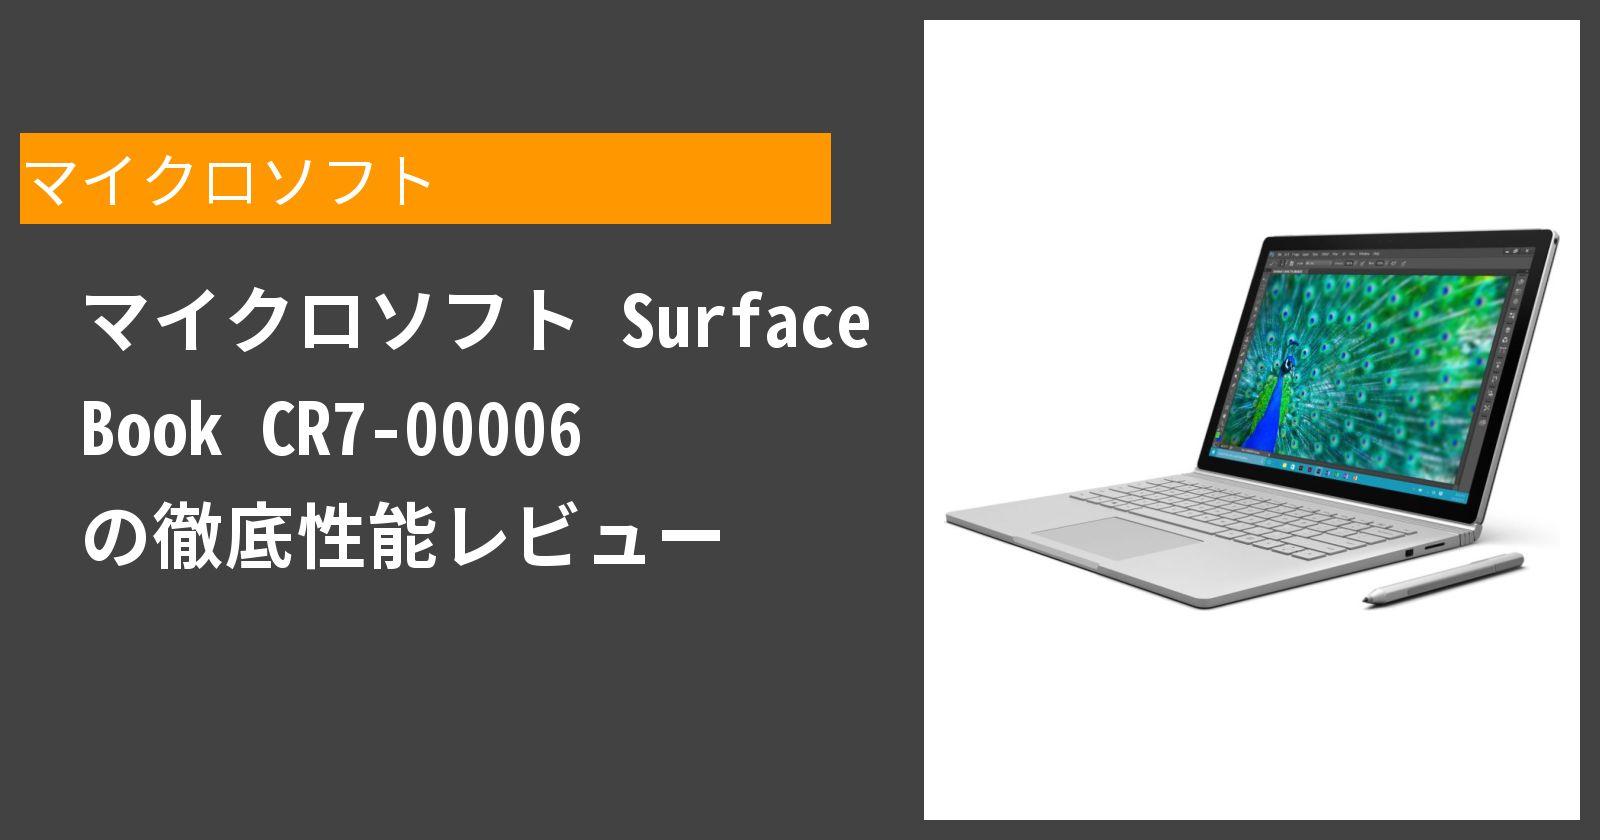 Surface Book(CR7-00006) の徹底性能レビュー